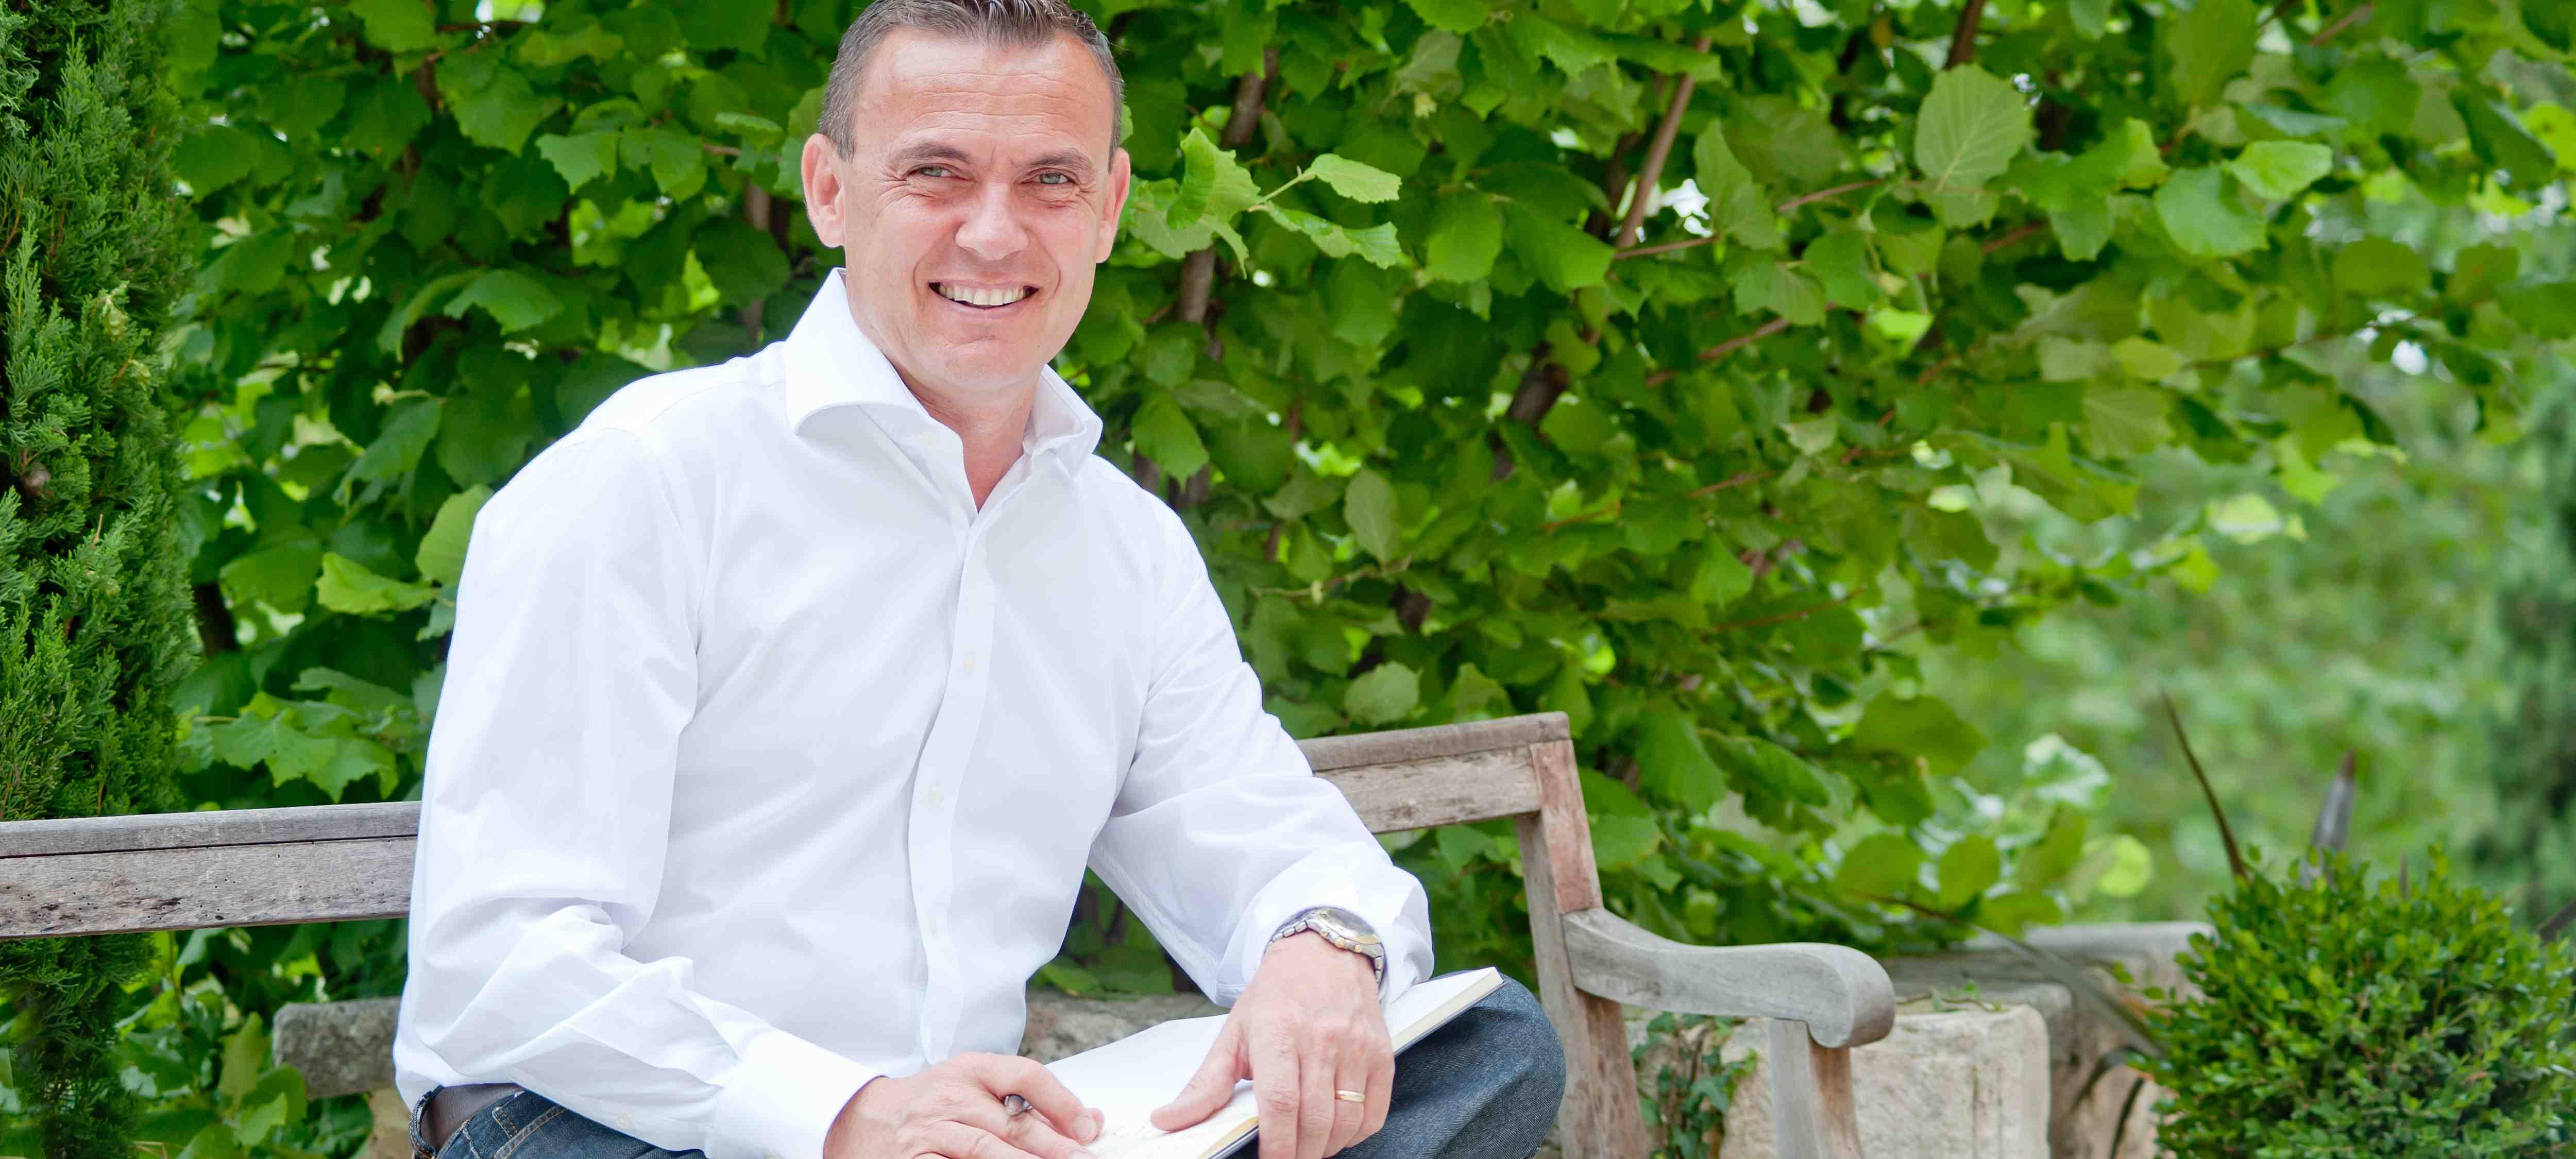 Fabien Piacentino a pris en février 2013 la  direction générale du Couvent des Minimes Hotel & Spa l'Occitane. ©DR/couvent des minimes.